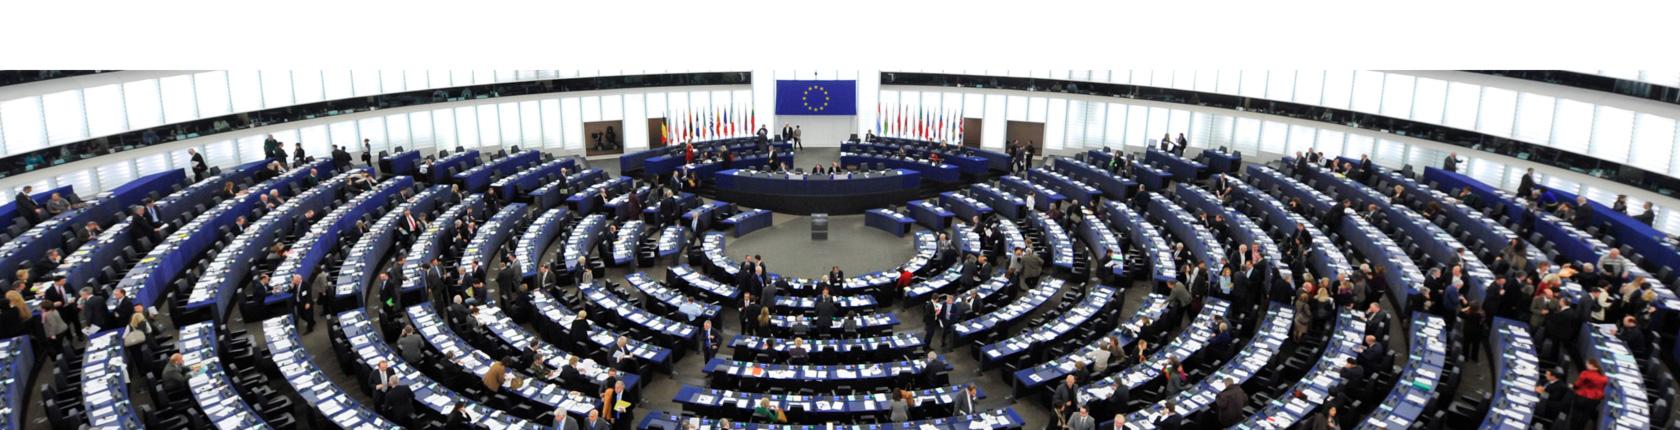 παρέμβαση_ολομέλεια_δήλωσεις_Τσίπρα_μέλλον_Ευρώπης_επιτυχία_Σαμαρά_επενδύσεις_αγορές_συμφωνία_Πρέσπων_ζημία_αγορές_